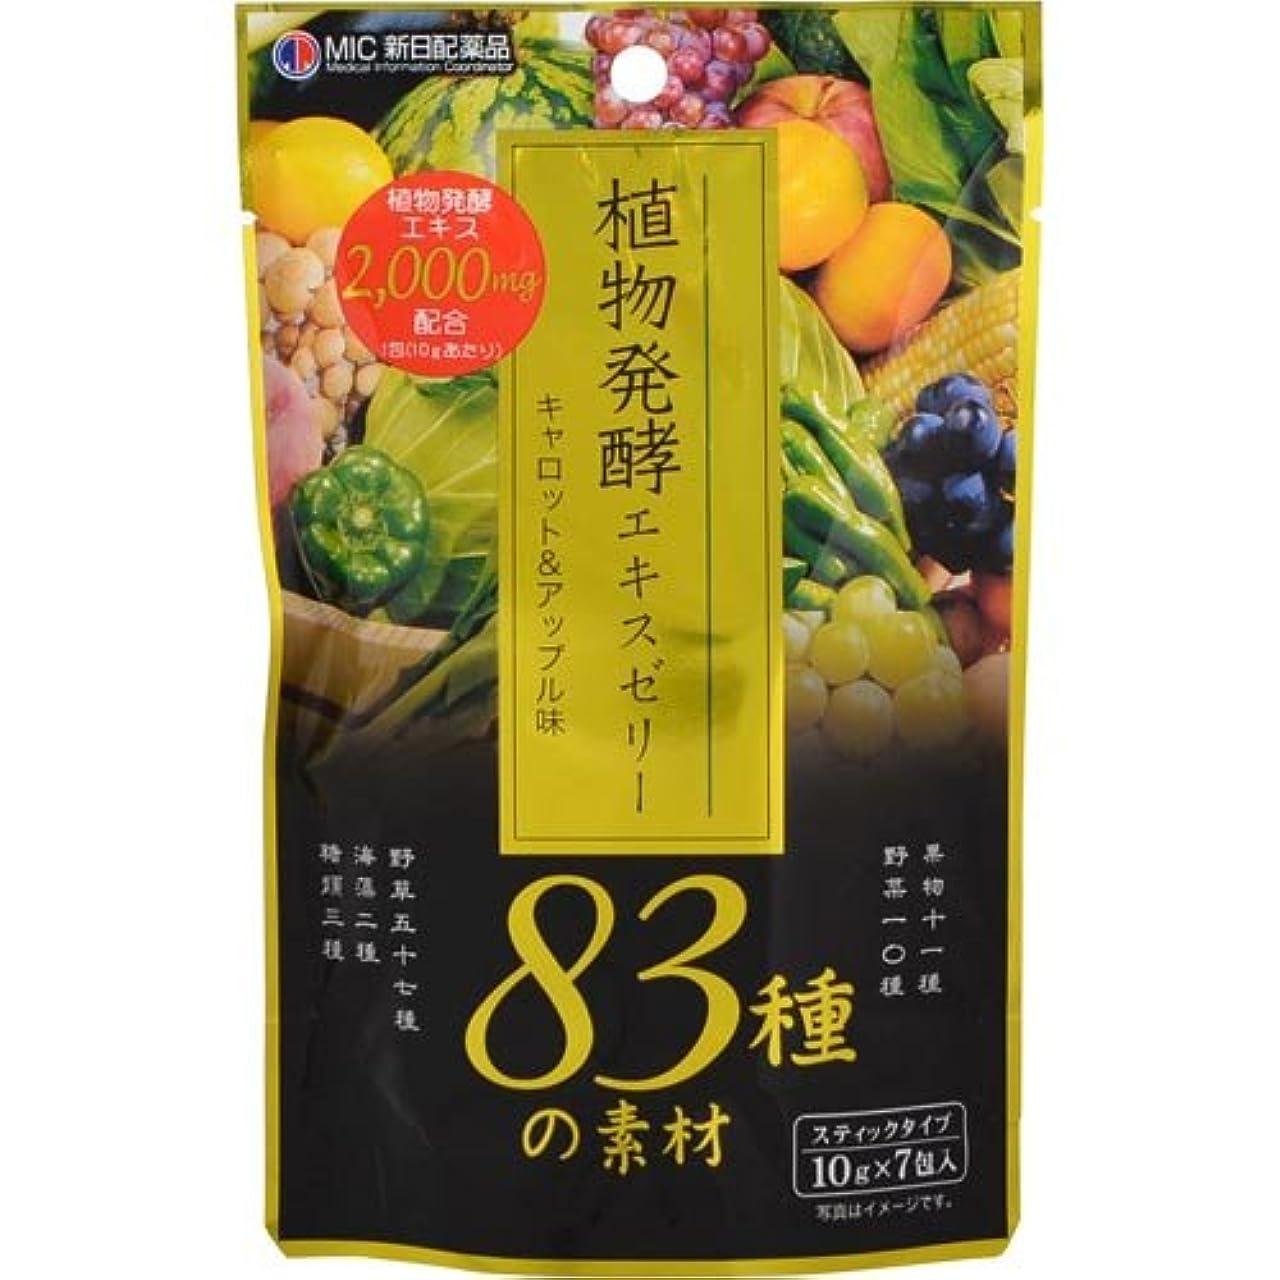 コンテンポラリー分散歯科の植物醗酵エキスゼリー キャロット&アップル味 10g×7包